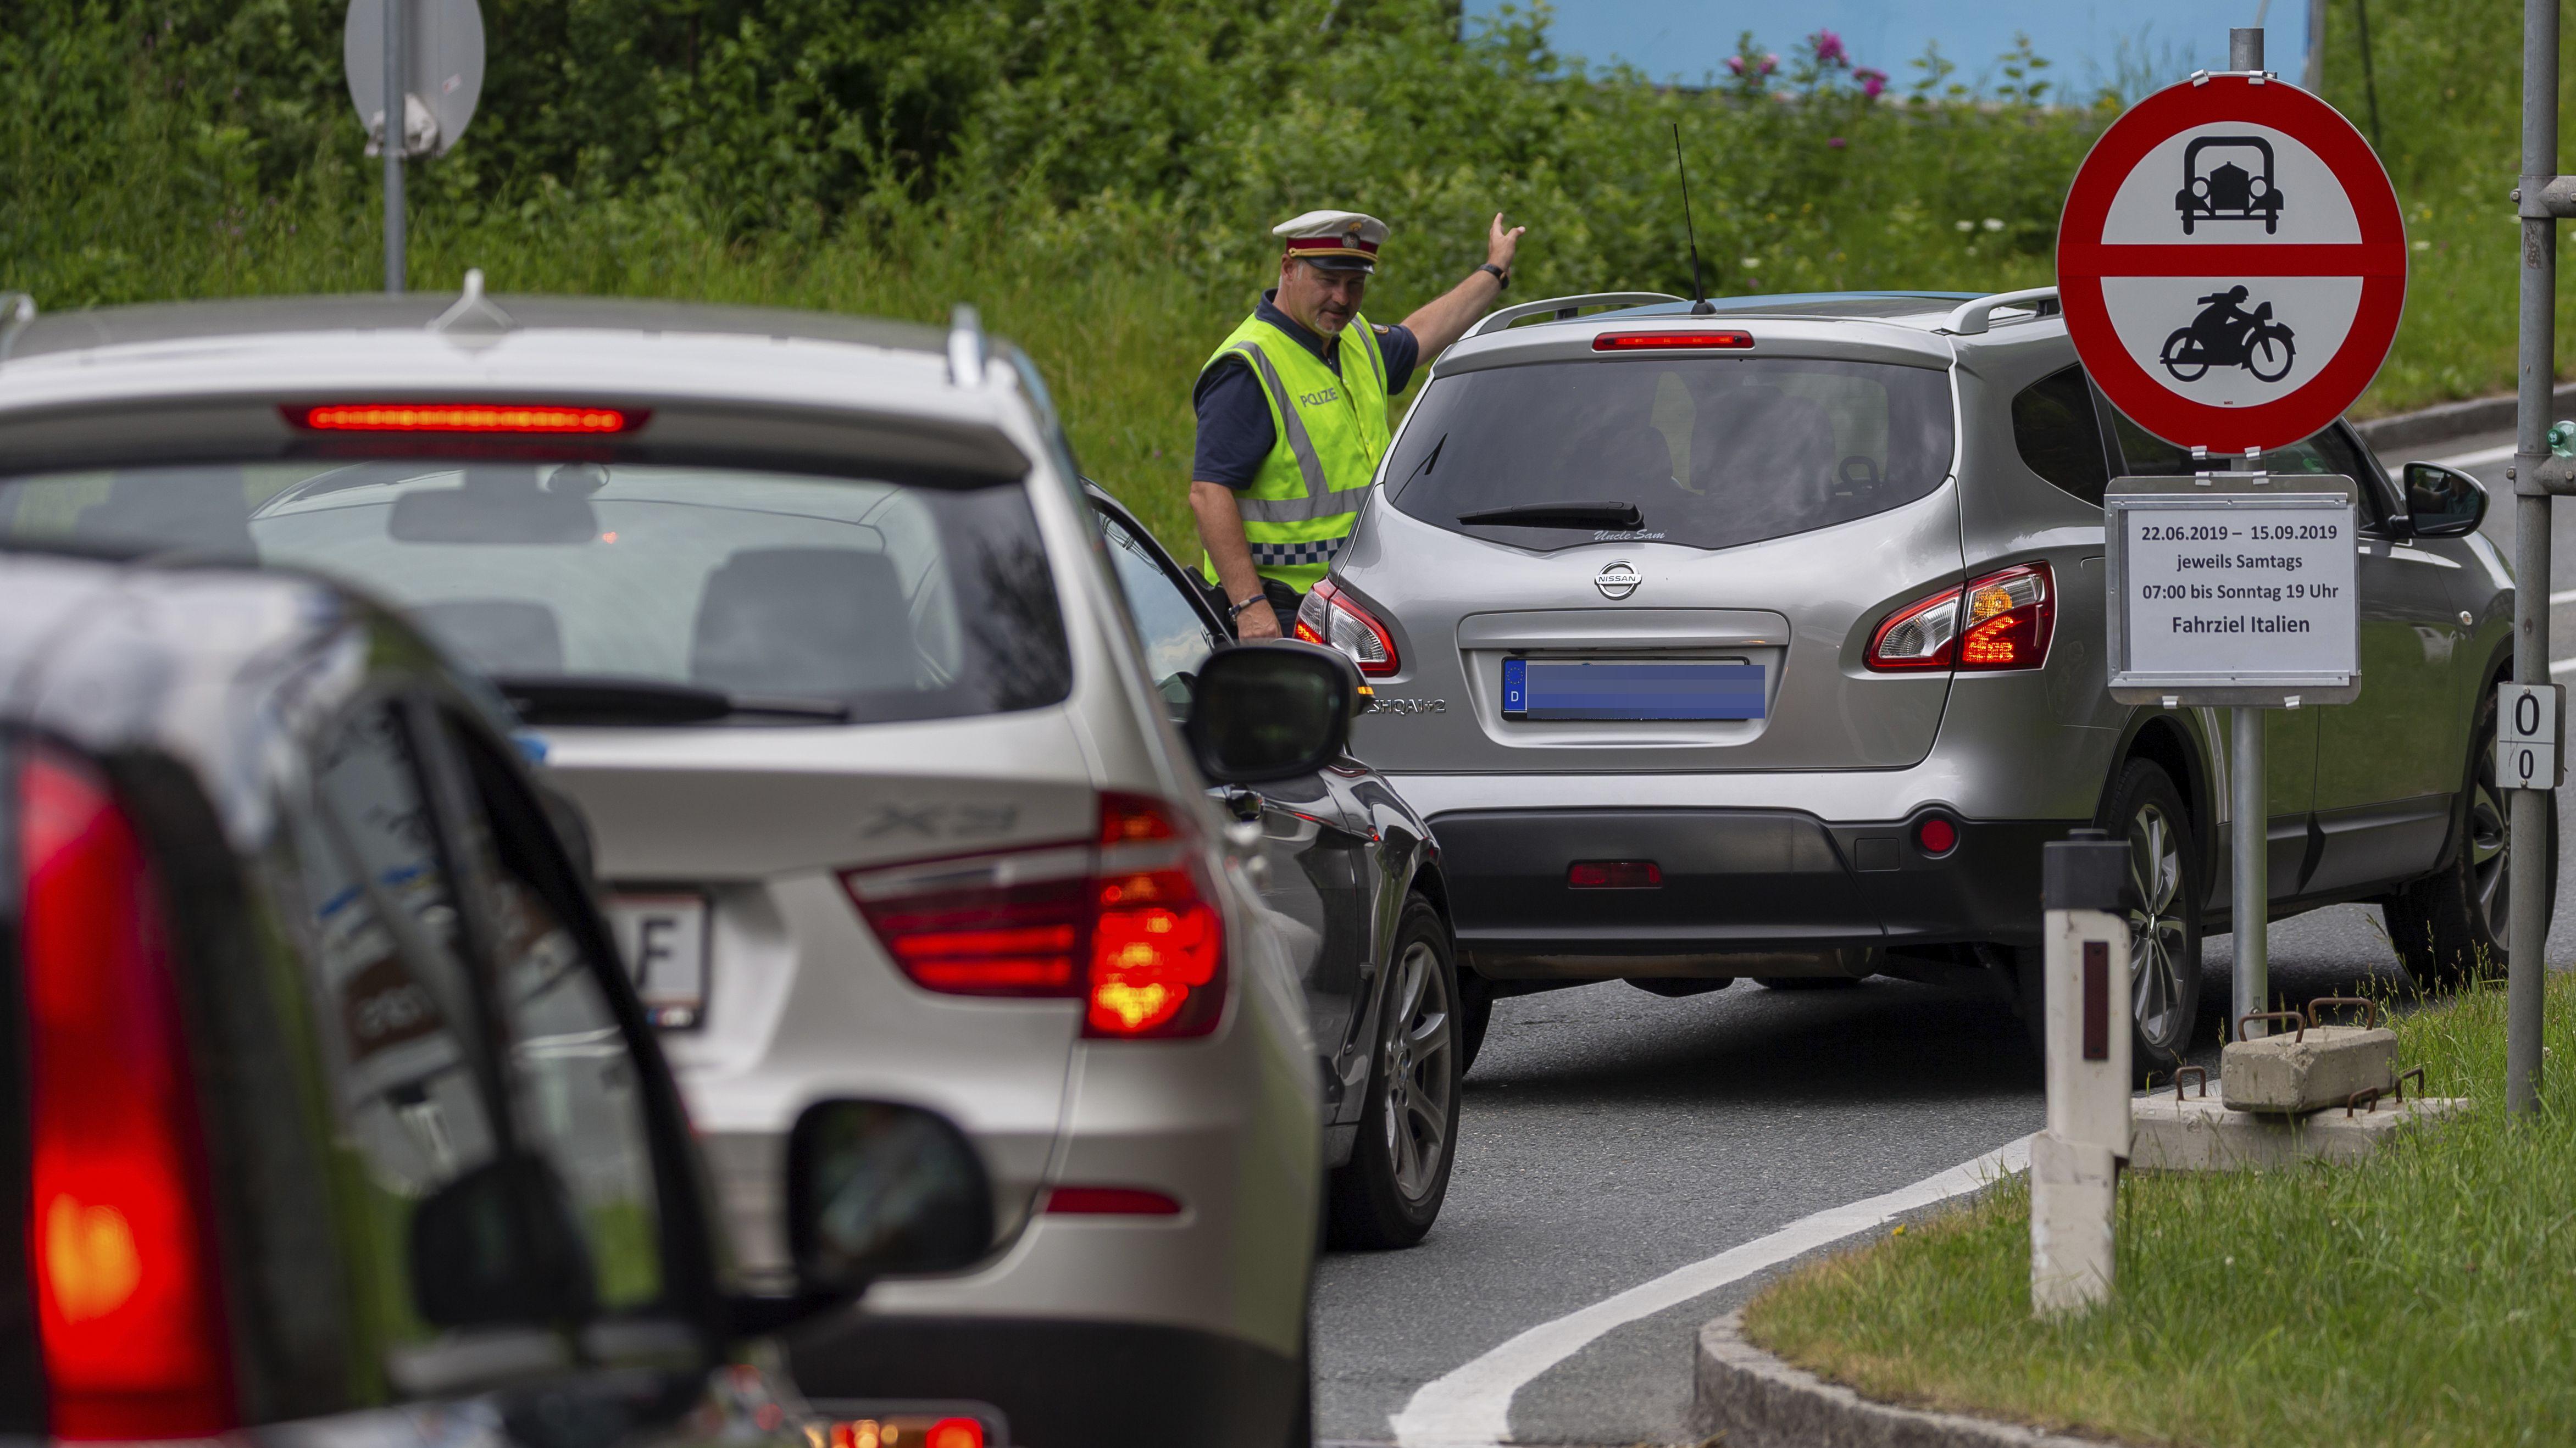 Archivbild: Als Maßnahme gegen die Stauproblematik und den Ausweichverkehr setzt die Tiroler Landesregierung Fahrverbote gegen den Ausweichverkehr ein.